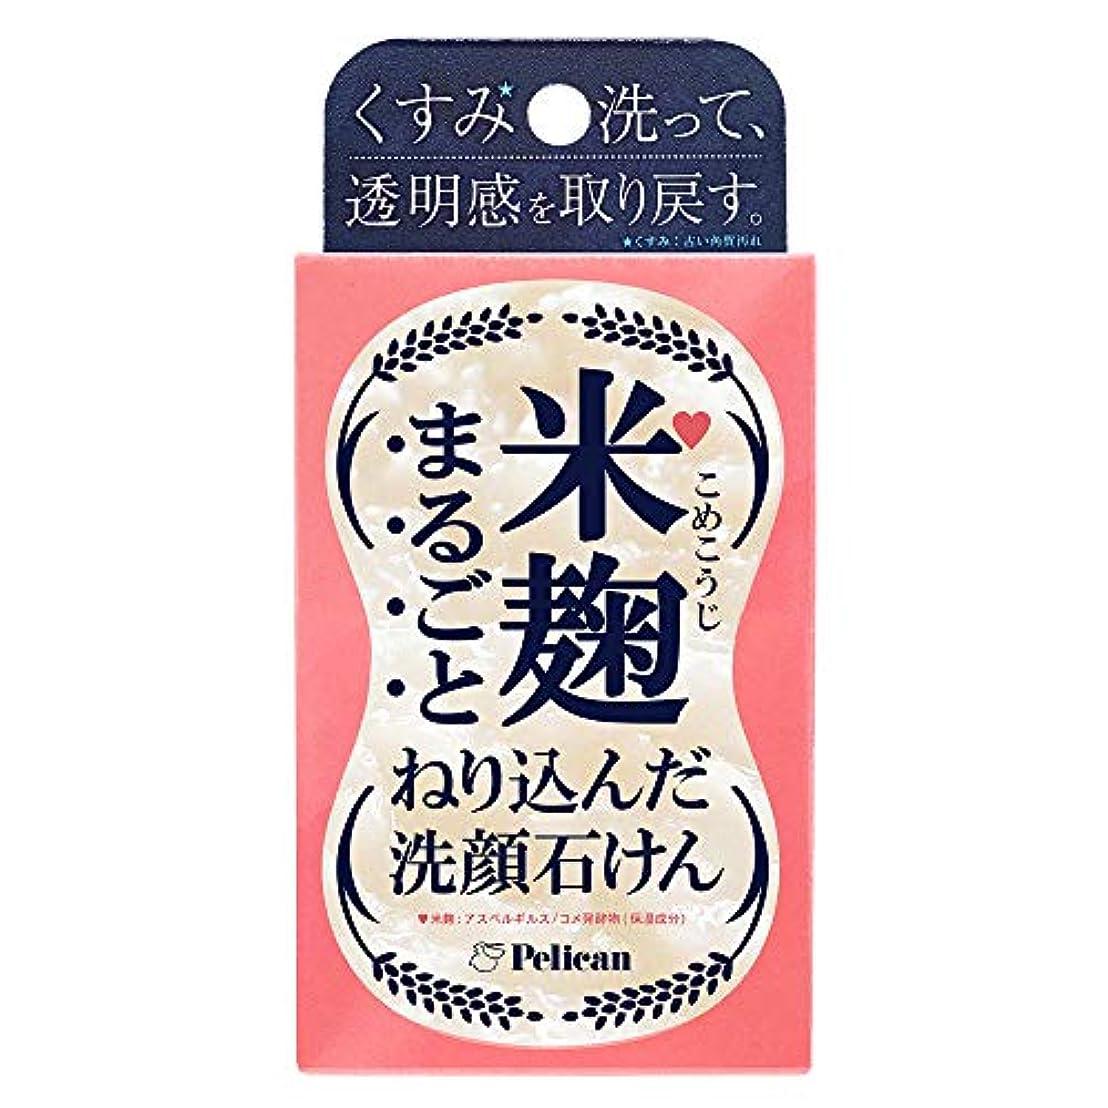 南キモいマッシュペリカン石鹸 米麹まるごとねり込んだ洗顔石けん 75g